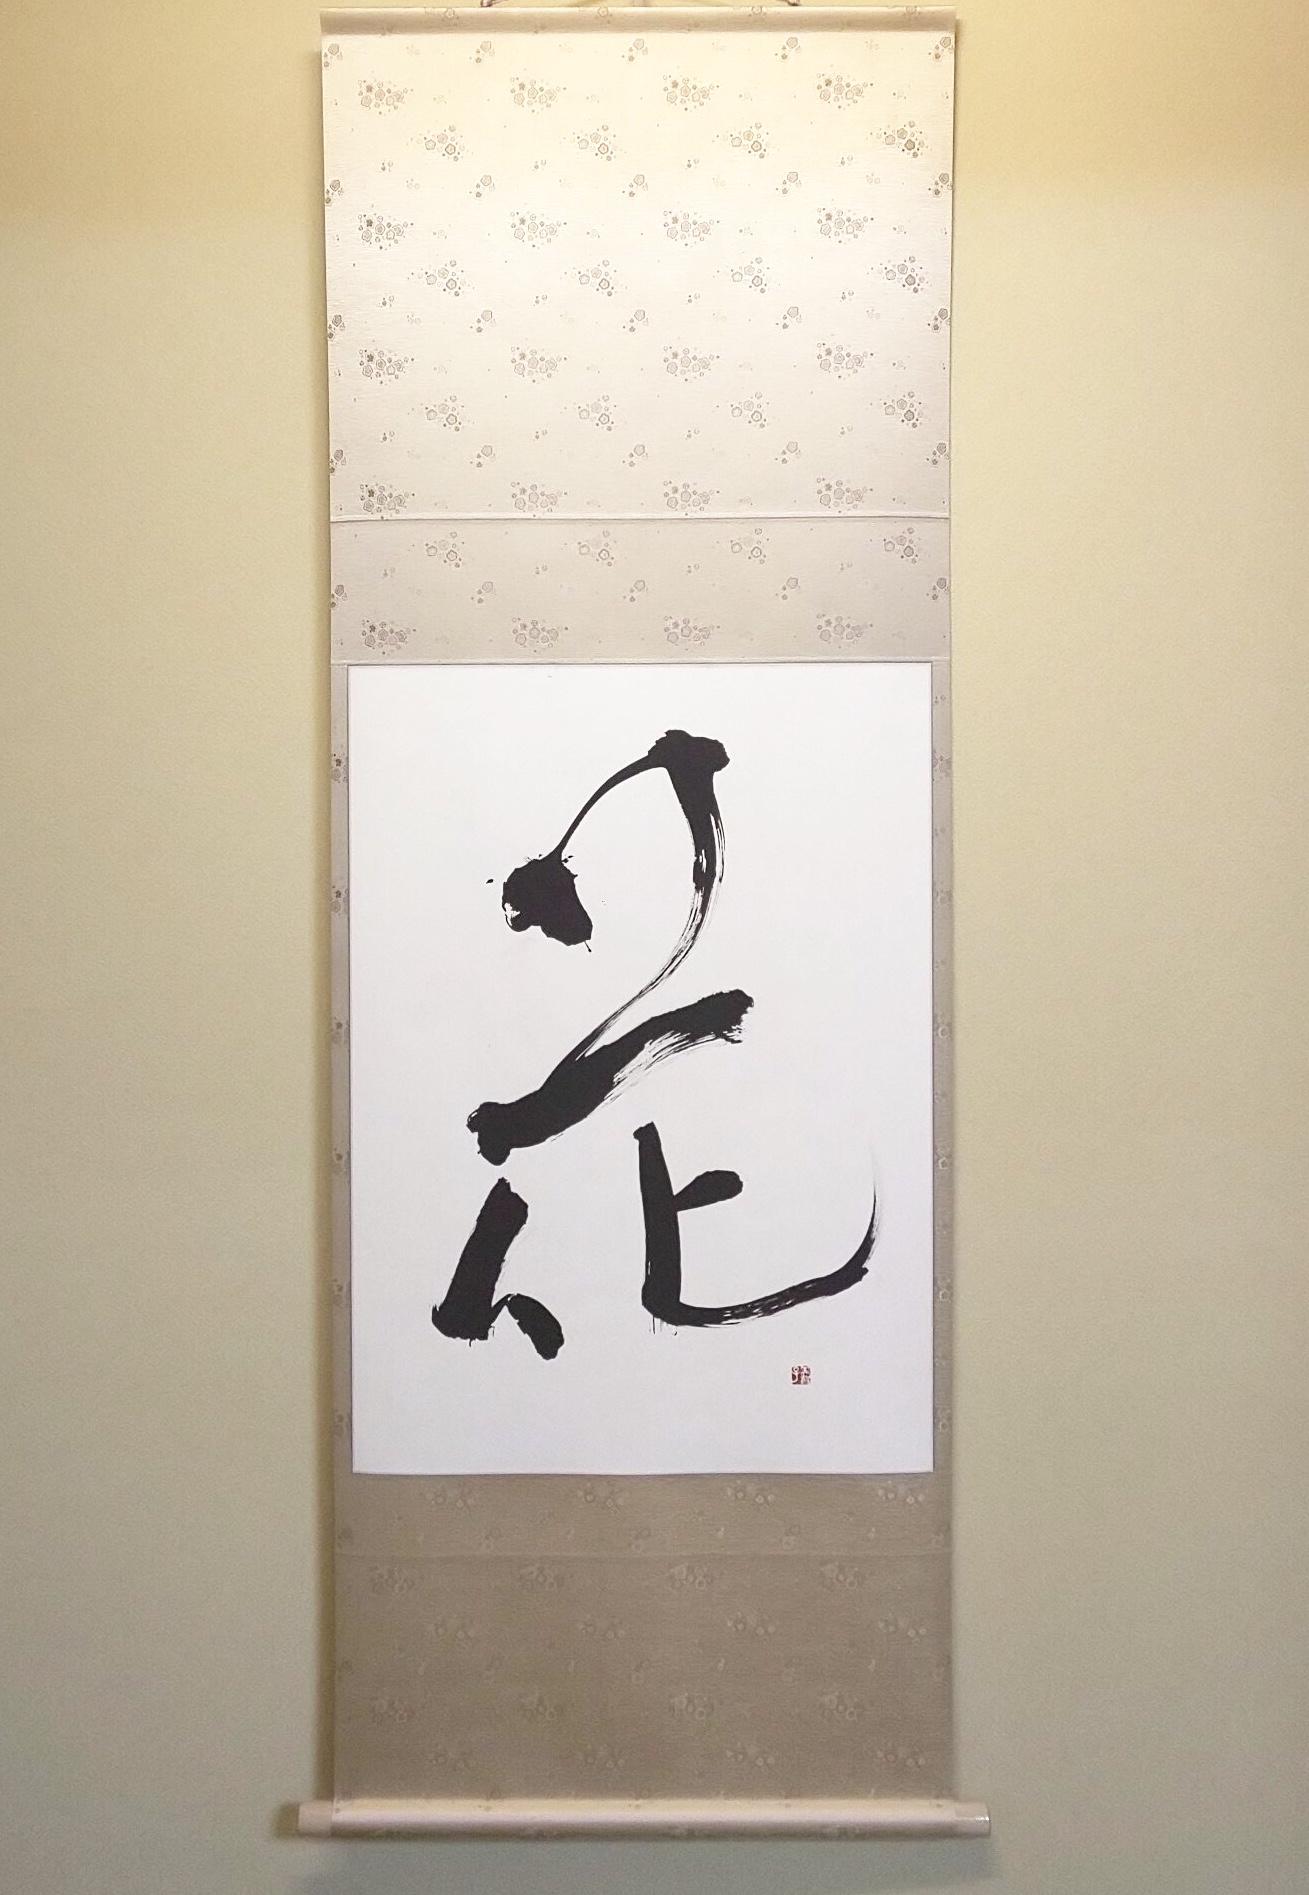 〇通期:大人のための実用書道教室【火曜夜クラス】 4月7日~8回